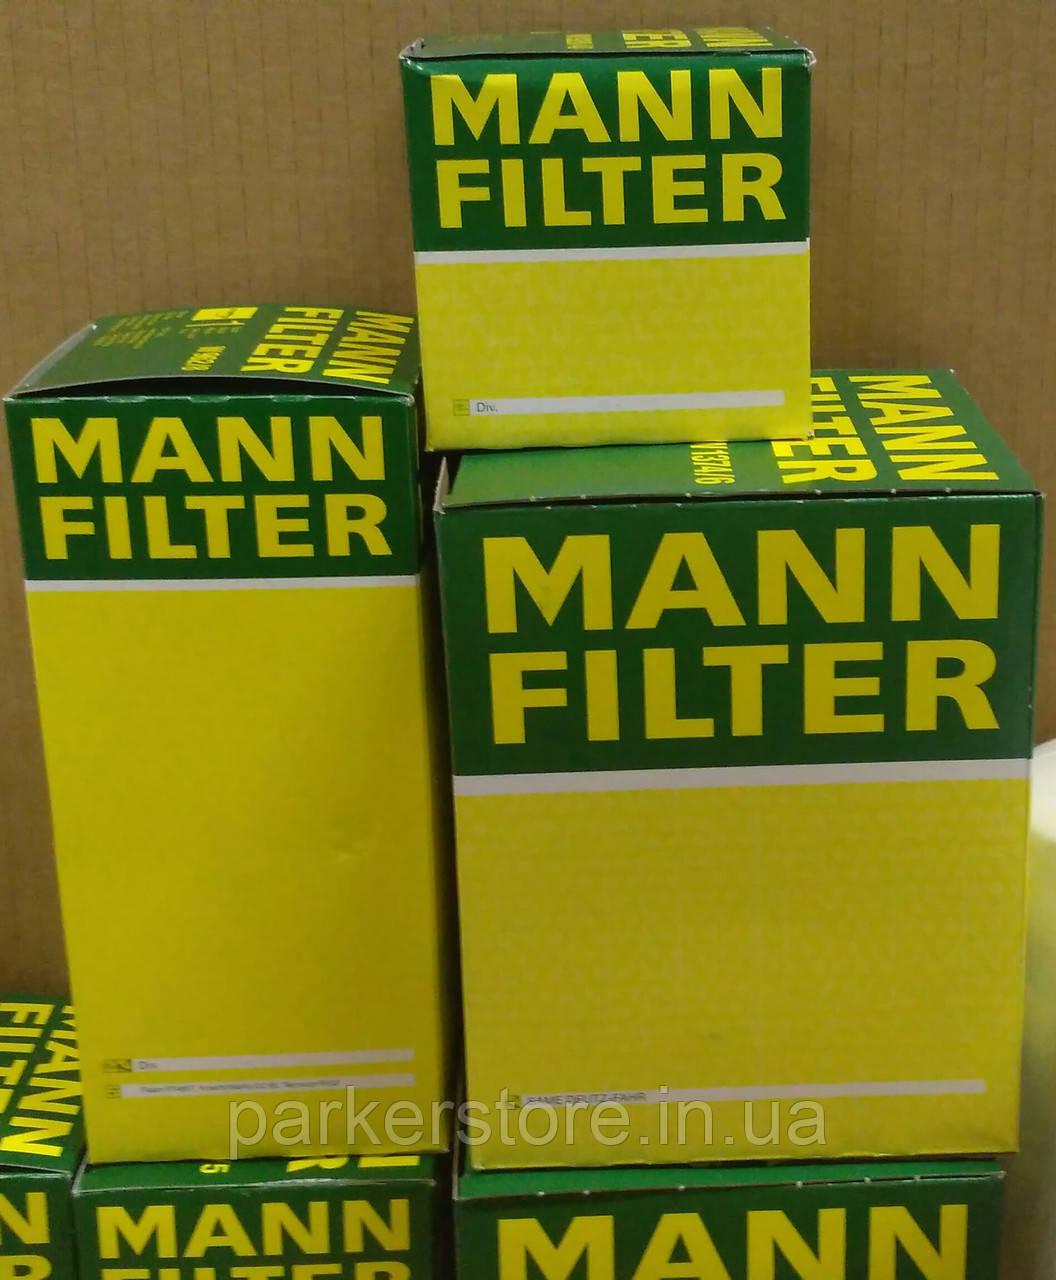 MANN FILTER / Воздушный фильтр / C 2653 / C2653